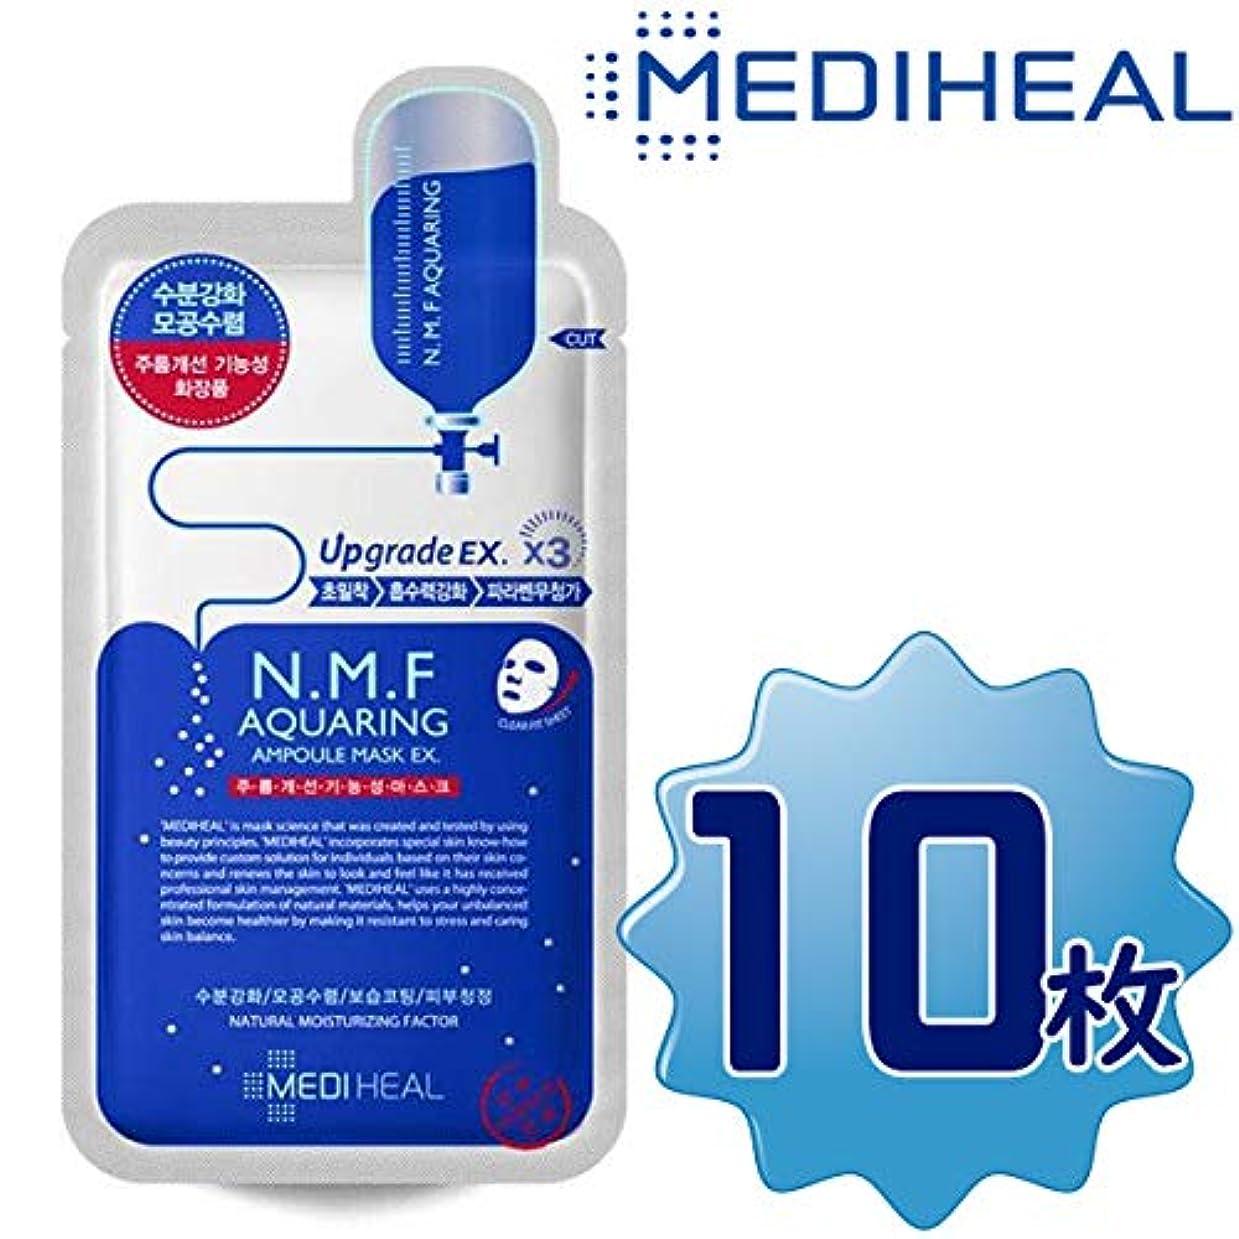 ドアウォーターフロント論理【正規輸入品】Mediheal メディヒール N.M.F アクアリング アンプル?マスクパックEX 10枚(Aquaring Ampoule Essential Mask PackEX (10sheet)